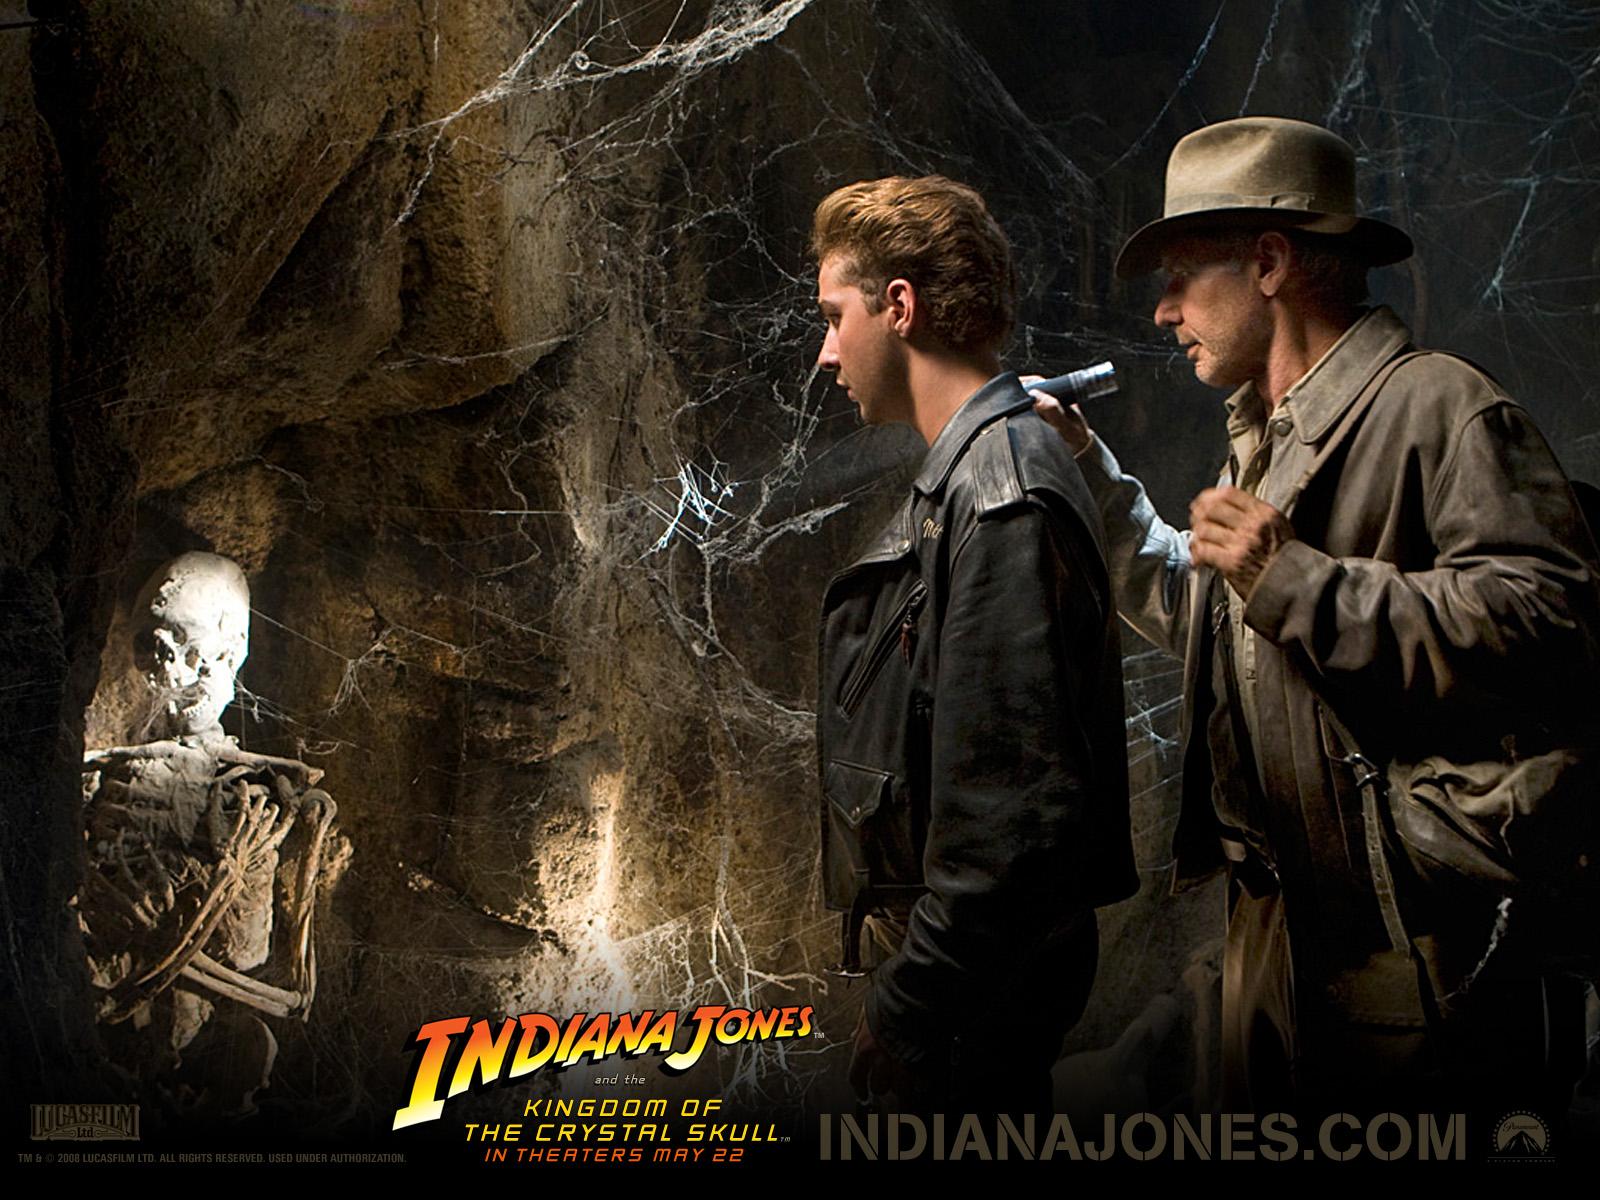 Картинки Индиана Джонс Индиана Джонс и Королевство xрустального черепа Фильмы кино